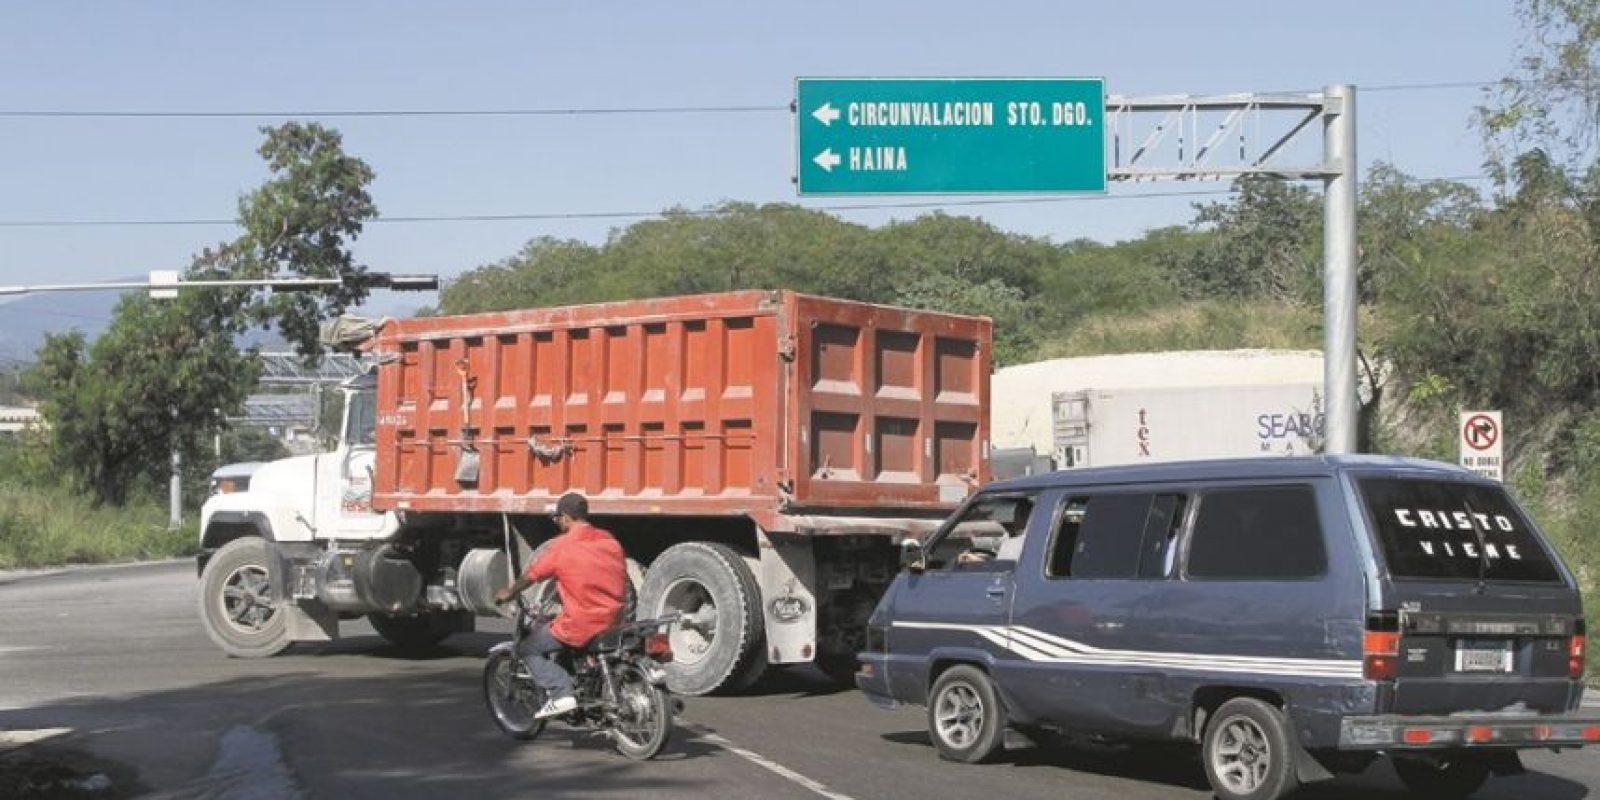 La dificultad se ha convertido en un dolor de cabeza para conductores. Foto:Roberto Guzmán